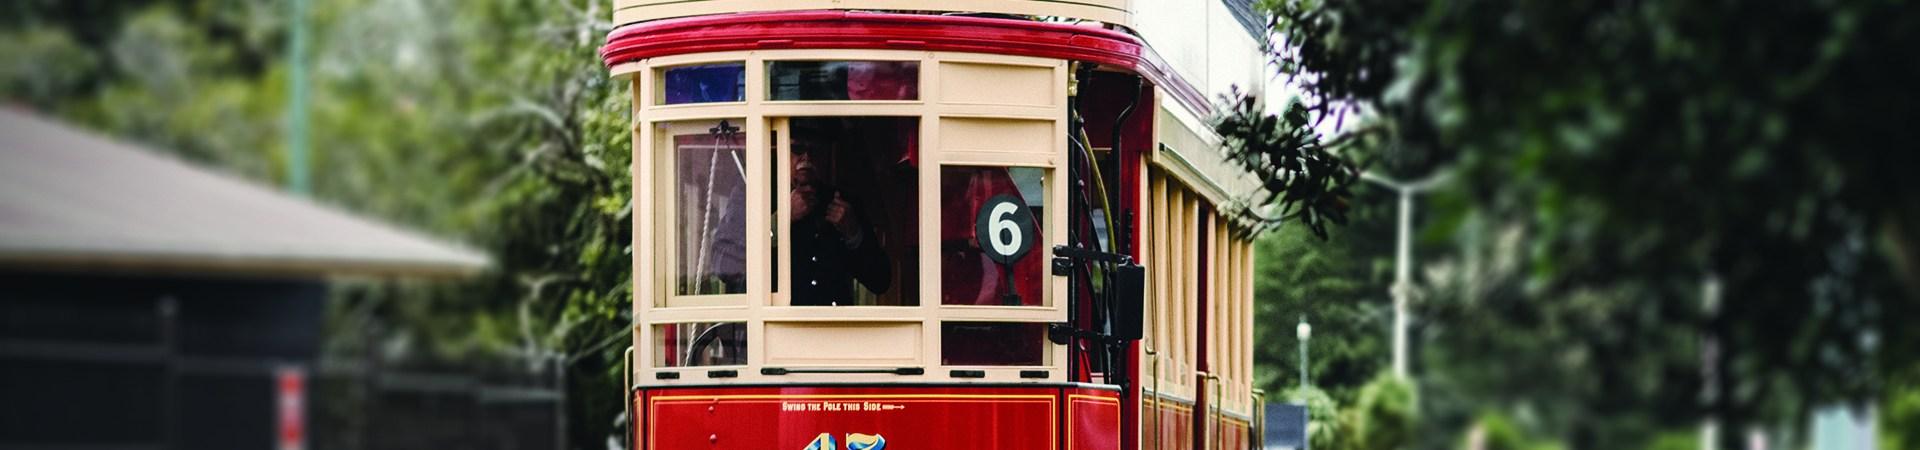 double decker tram 47 motata